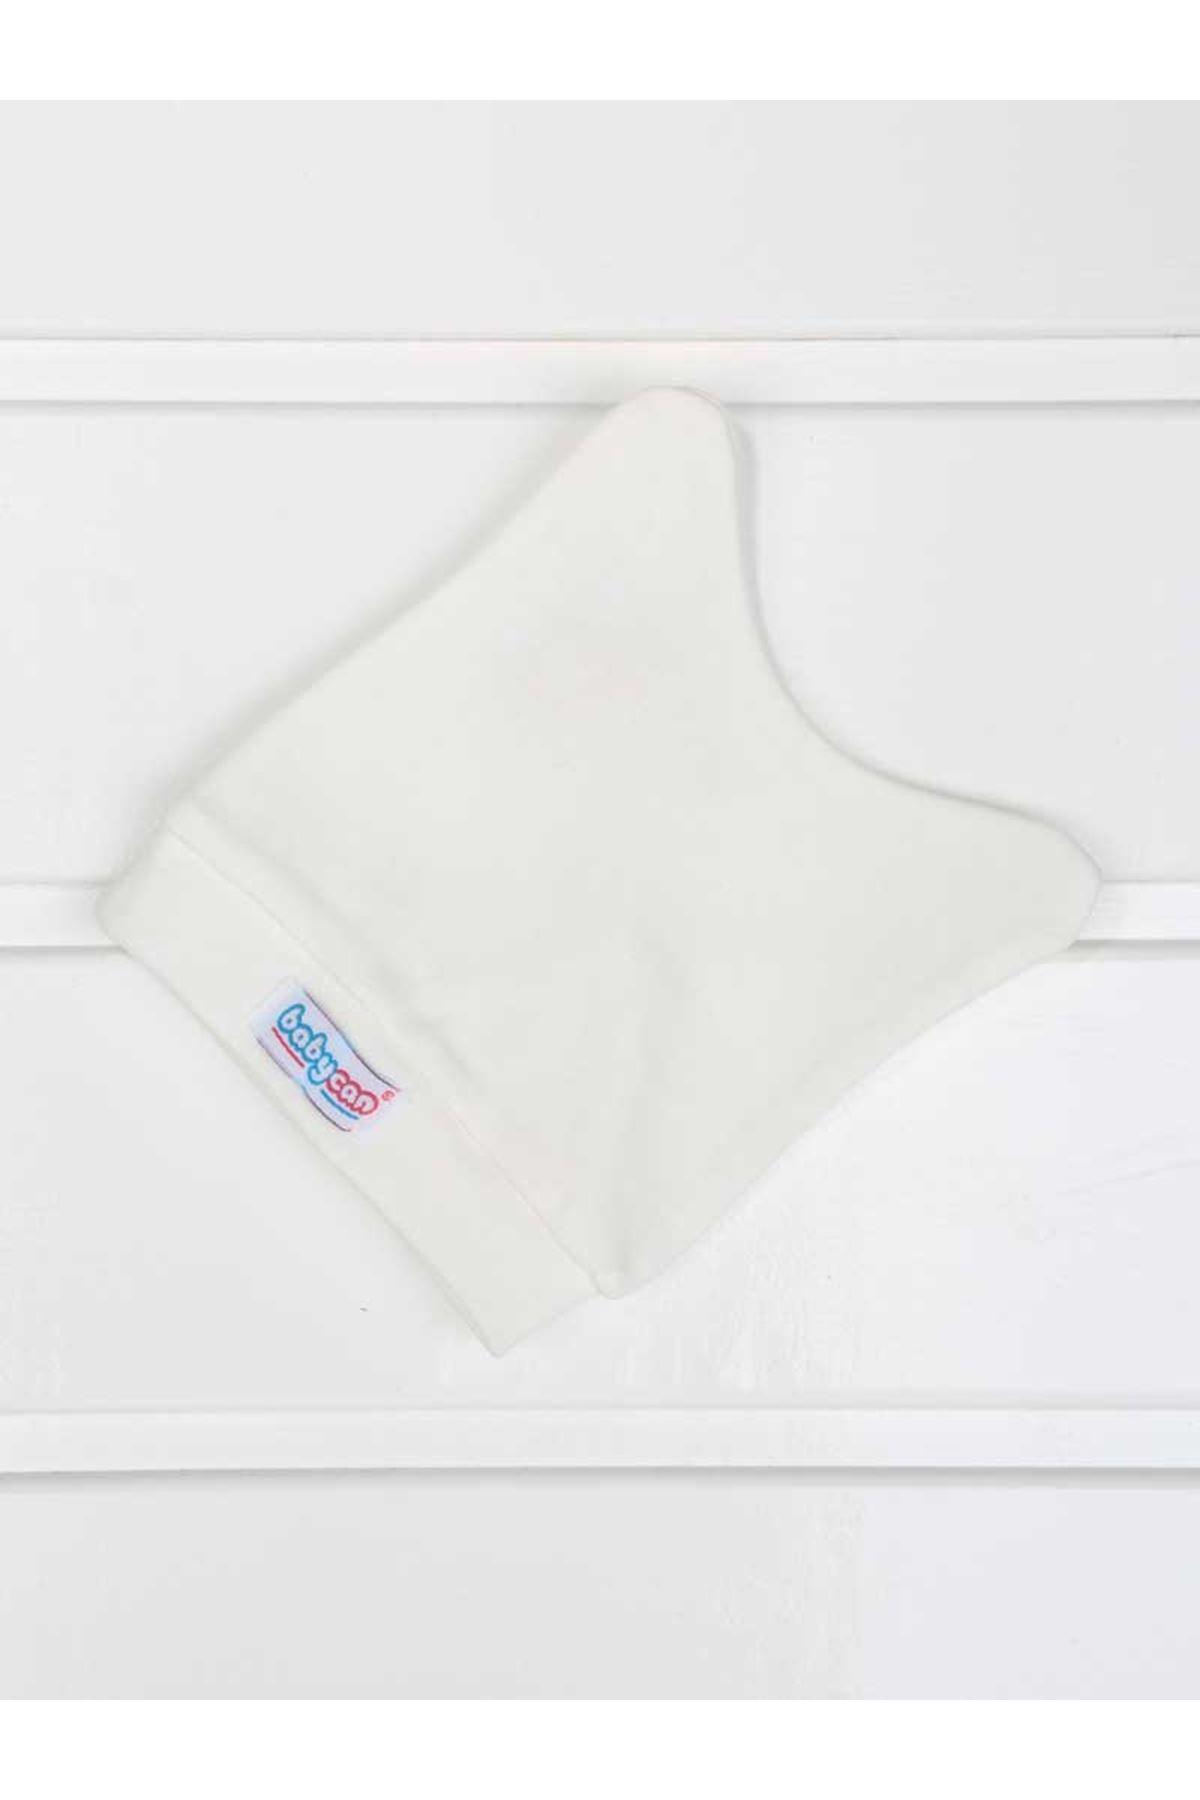 White Swaddle Gloves Baby Girl 3 Pcs The Zibin team